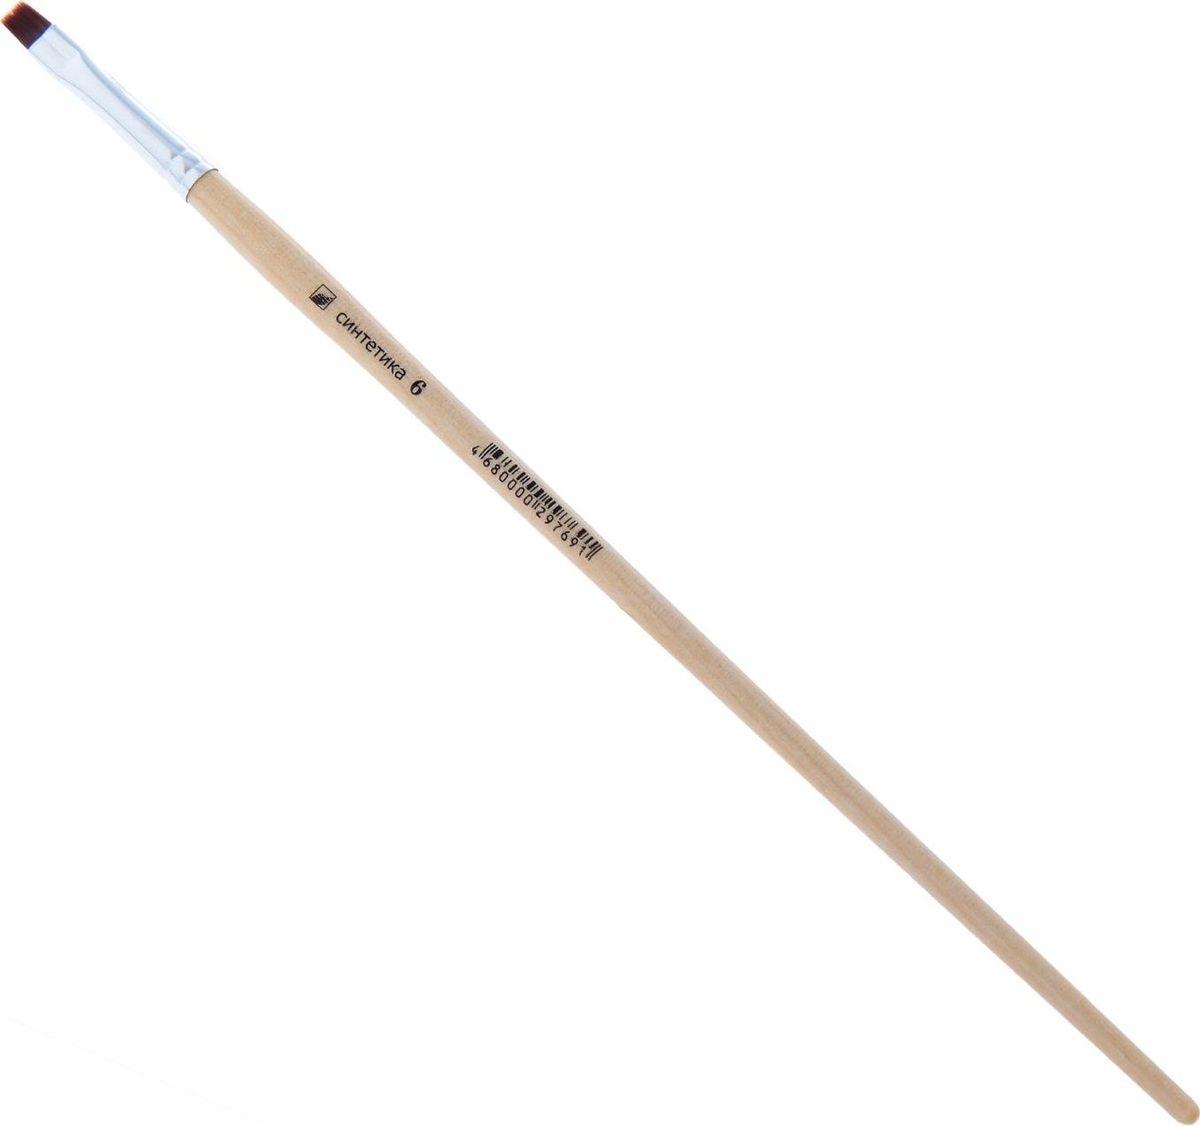 Альбатрос Кисть Хобби из нейлона плоская укороченная № 61195752Художественная кисть Хобби изготовлена из упругого синтетического волоса. Она имеет укороченную выставку щетинок и прекрасно подходит для плотных красок.Таким инструментом вам будет удобно делать короткие точные мазки.Имеет покрытую глянцевым лаком деревянную ручку и алюминиевую цельнотянутую обойму.Изделие поможет вам творить и вдохновит на создание новых шедевров!